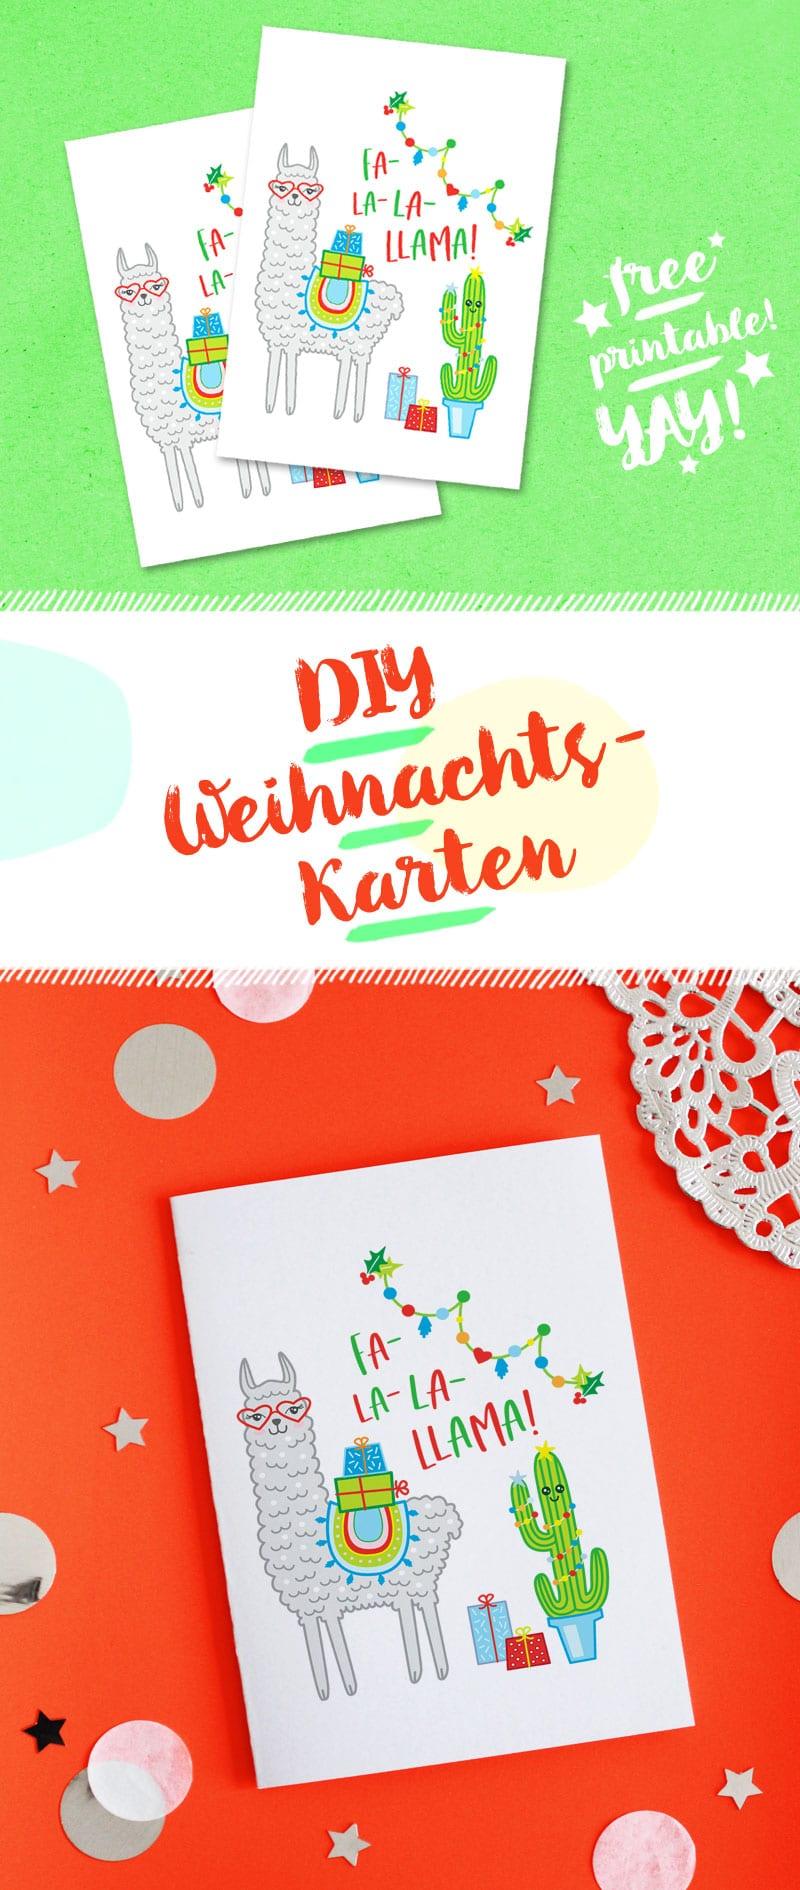 Weihnachtskarten Baby Basteln.Diy Lama Weihnachtskarte Basteln Free Printable Handmade Kultur